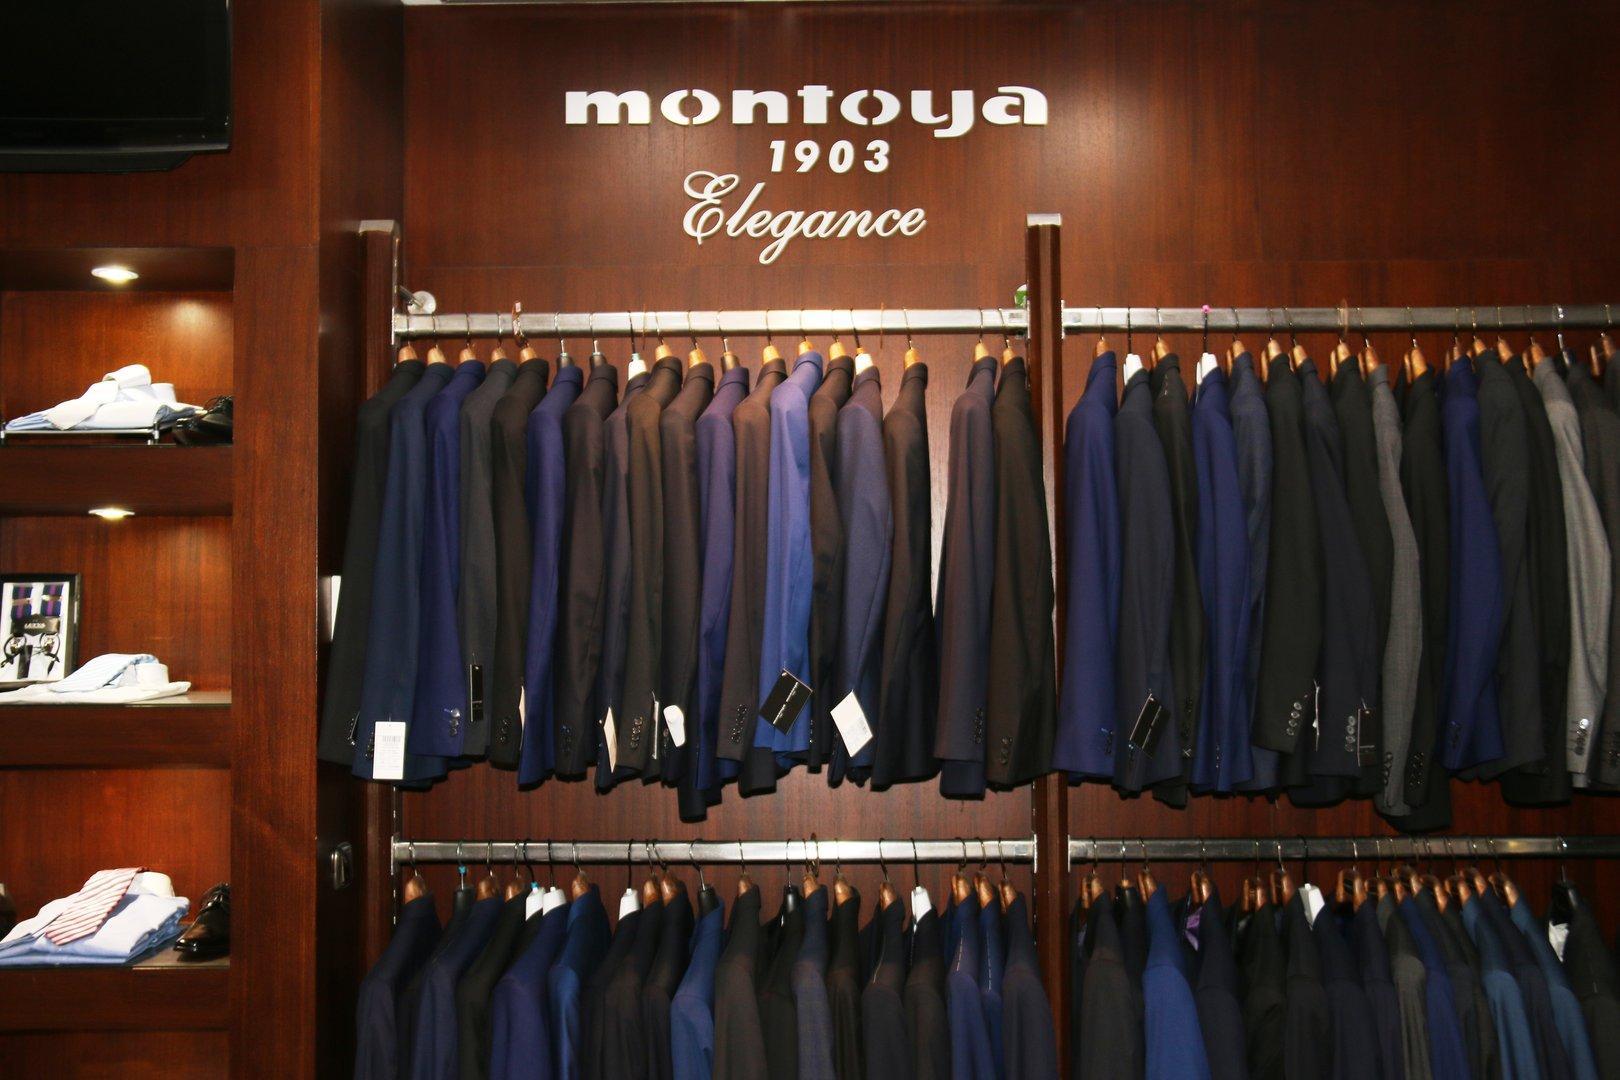 Temporada primavera verano 2017 en Modas Montoya 1903 de Lorca